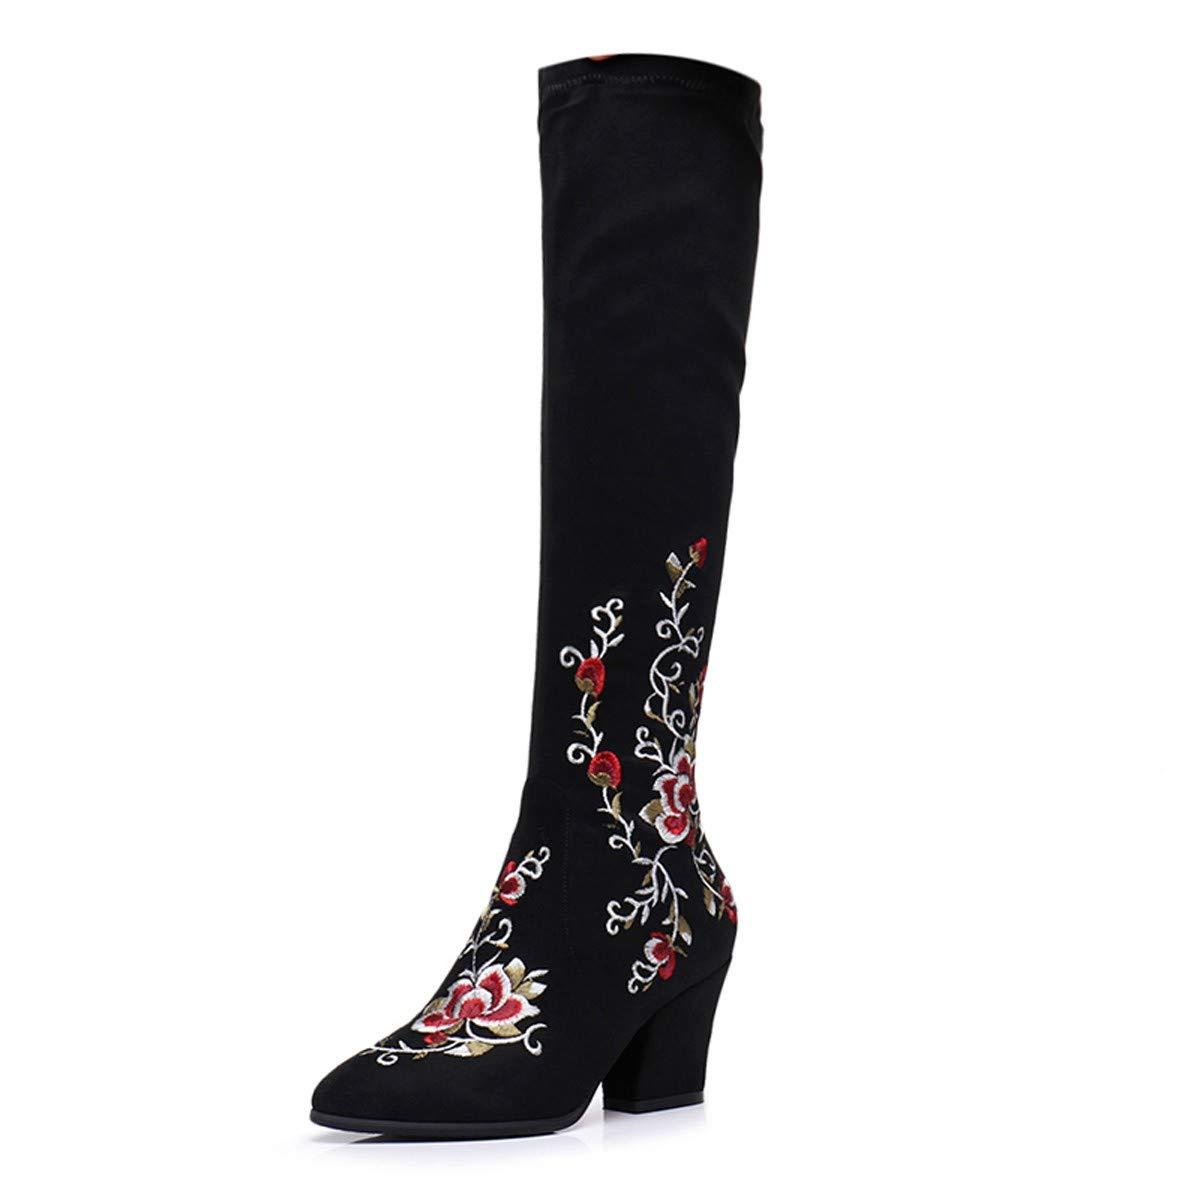 HBDLH Damenschuhe Gummi - Stiefel 6 Heels cm High Heels 6 Knie Über Stiefel Herbst Dicke Schuhe Schleifen Bestickte Stiefel Nationalen Stil Slim Vielseitig 01d882